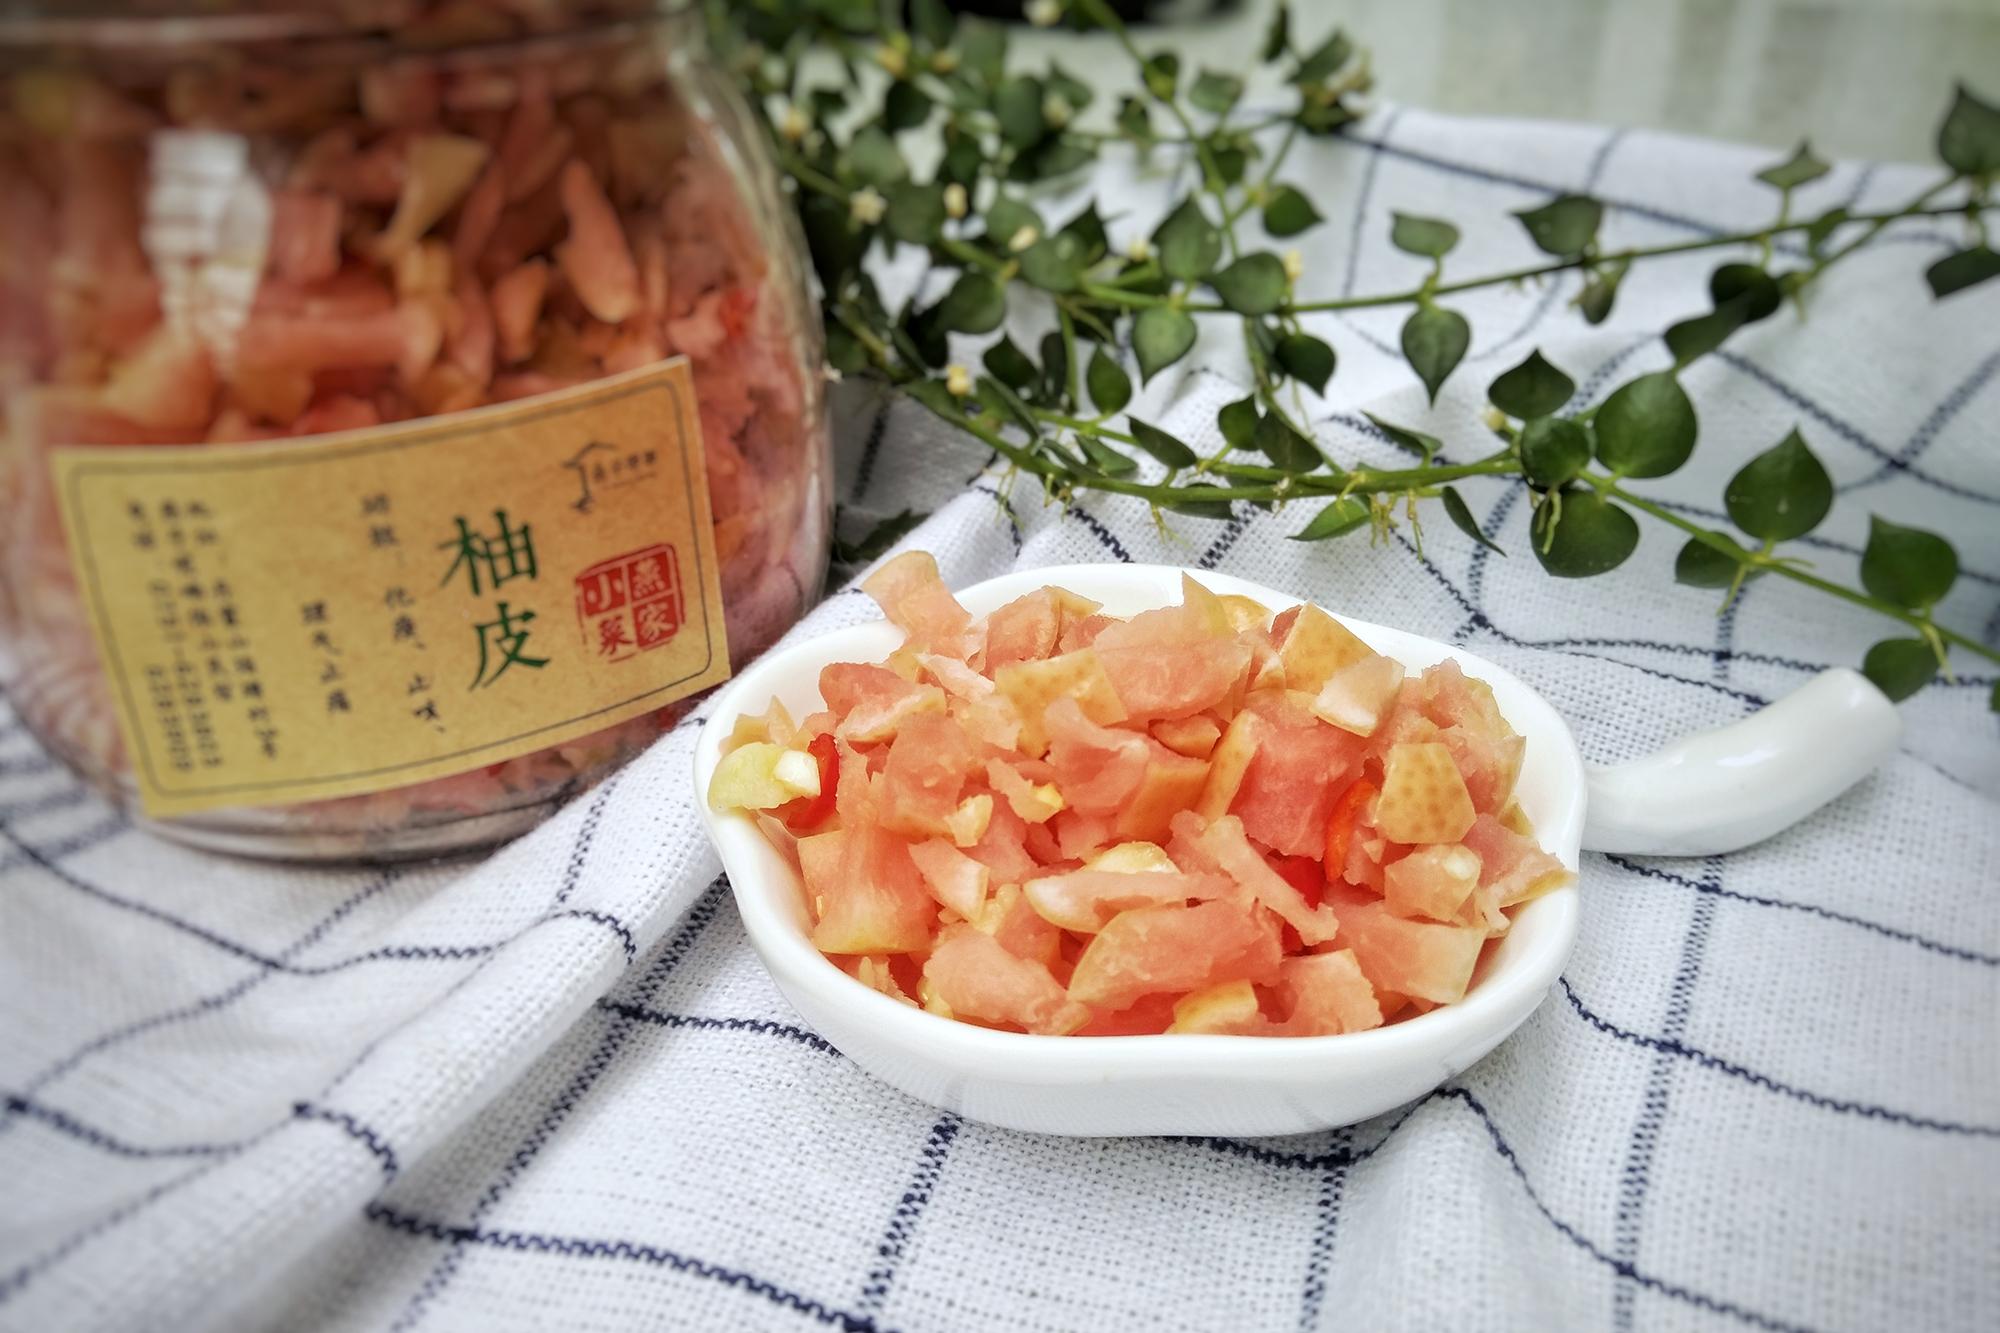 吃完柚子,别把柚子皮扔了 附8道柚子皮食谱